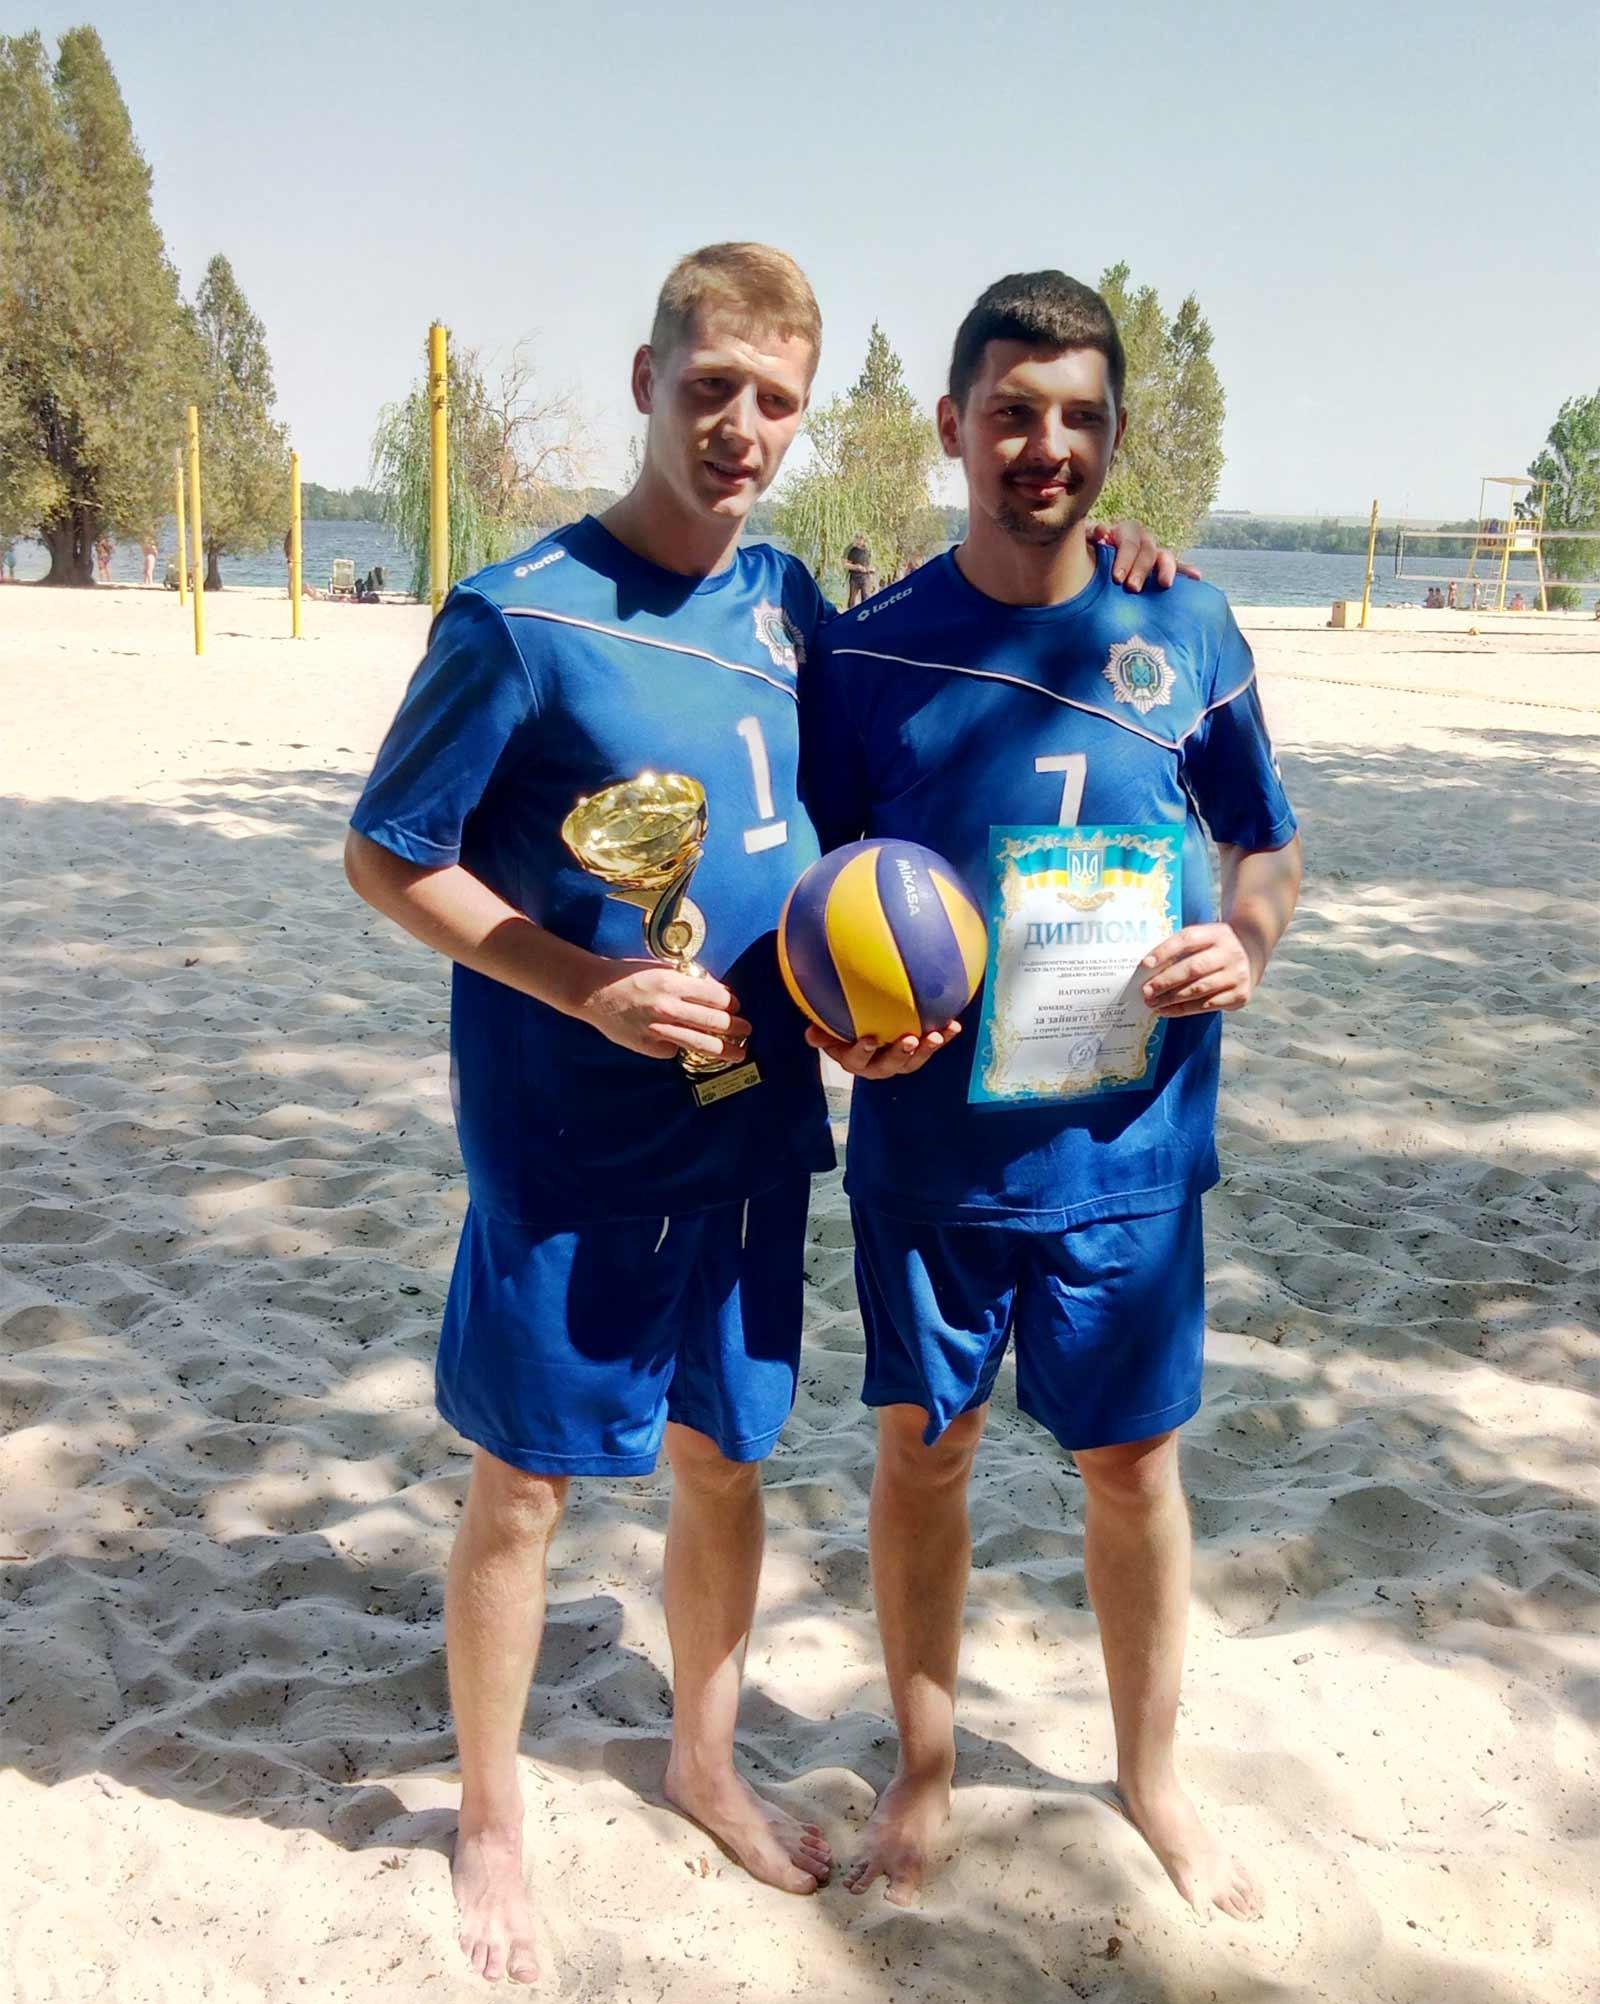 Переможці першості ФСТ «Динамо» з пляжного волейболу (2017)